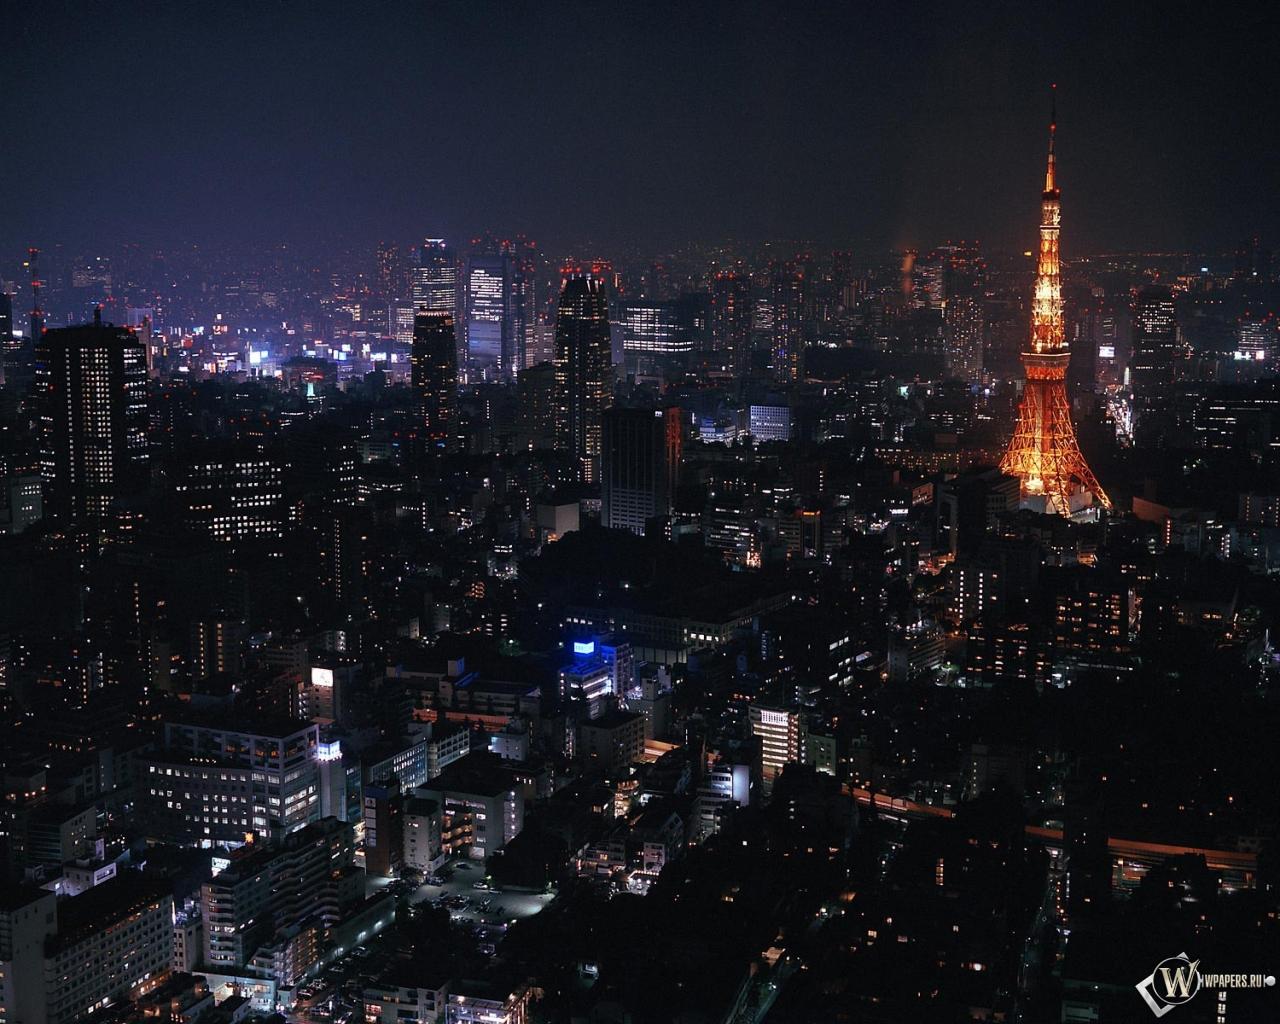 Токио ночью 1280x1024